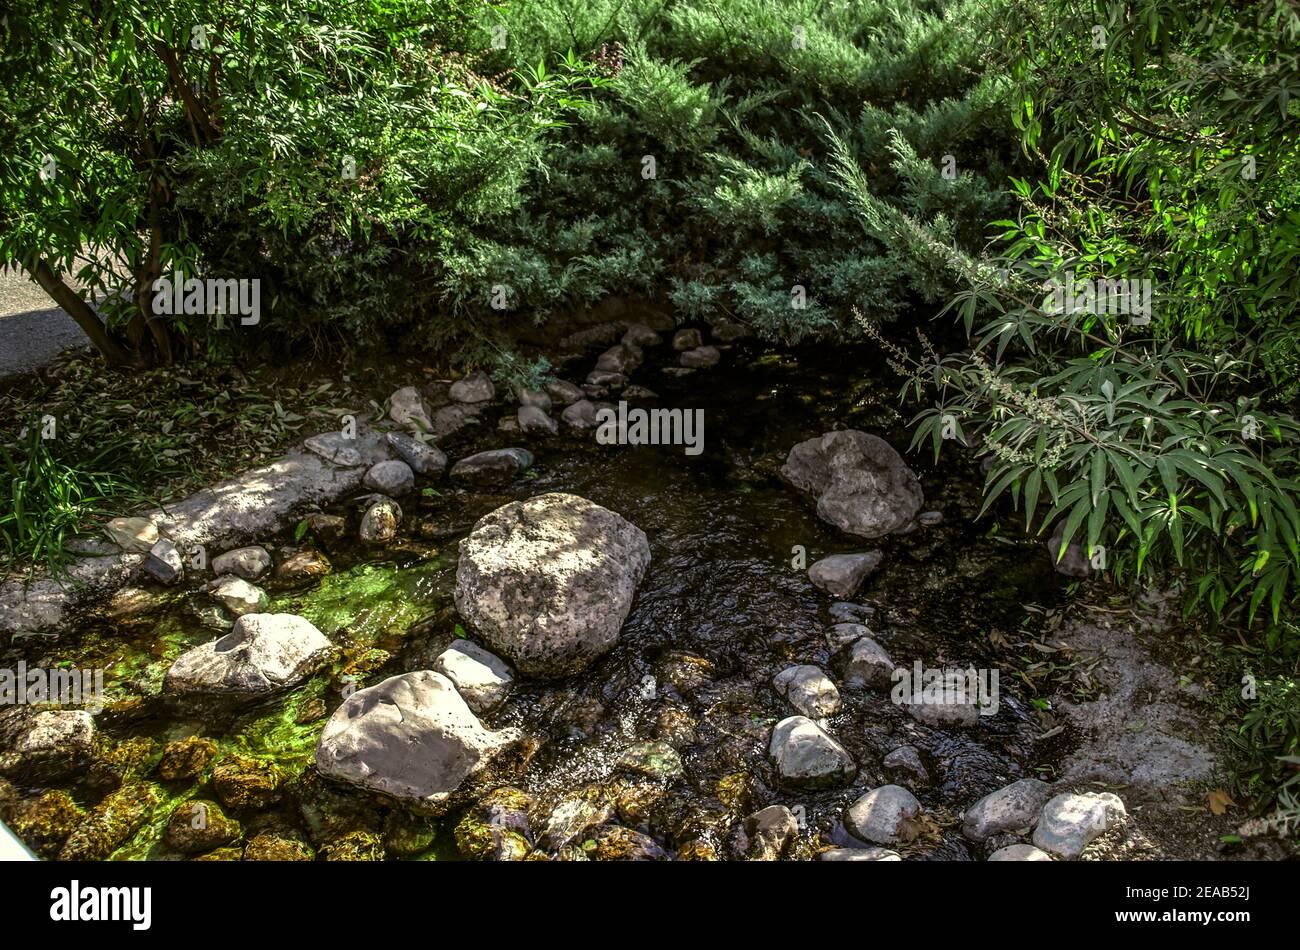 Un arroyo artificial que fluye a través de todo el parque con rápidos rocosos y plantas ornamentales creciendo a lo largo de las orillas Foto de stock